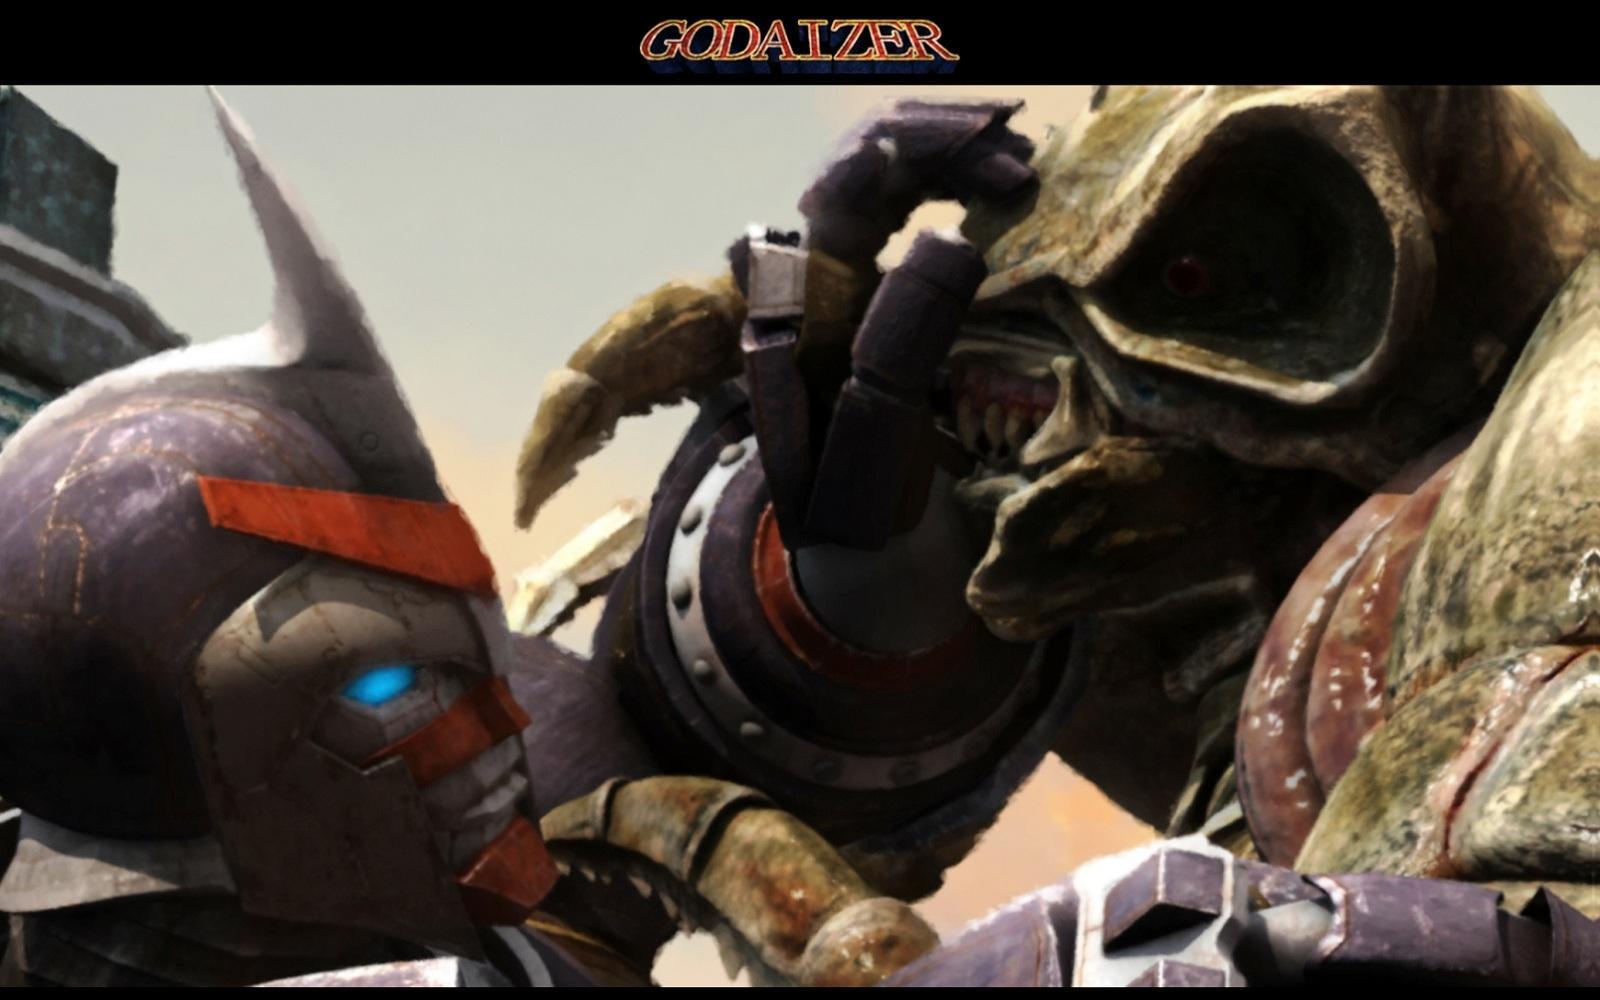 Godaizer